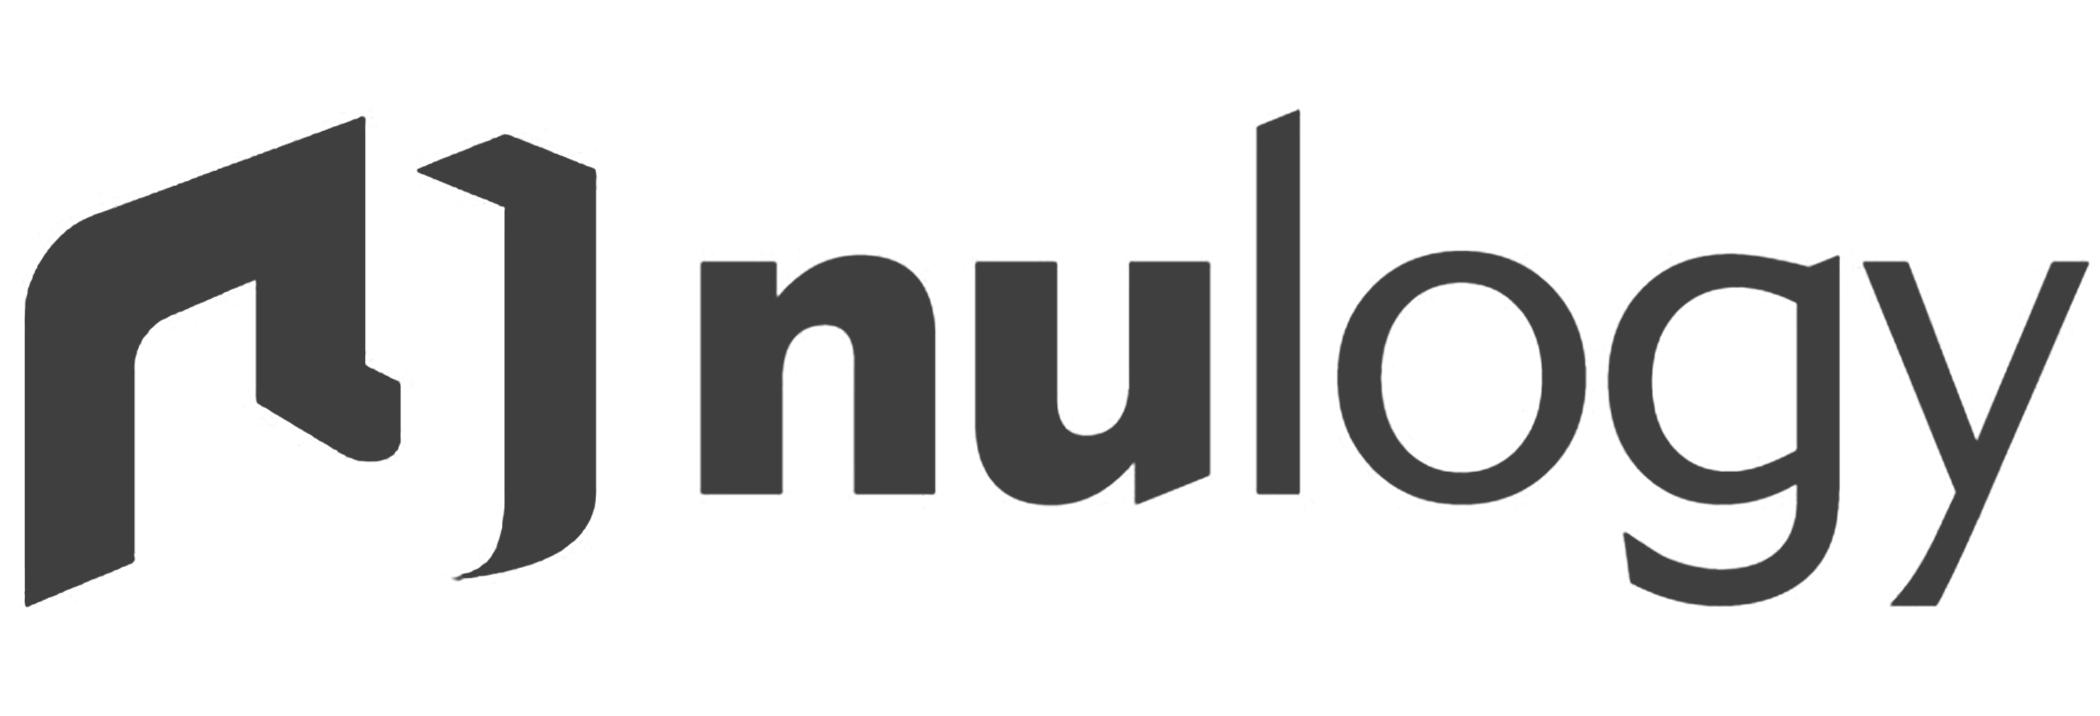 Nulogy BW.jpg